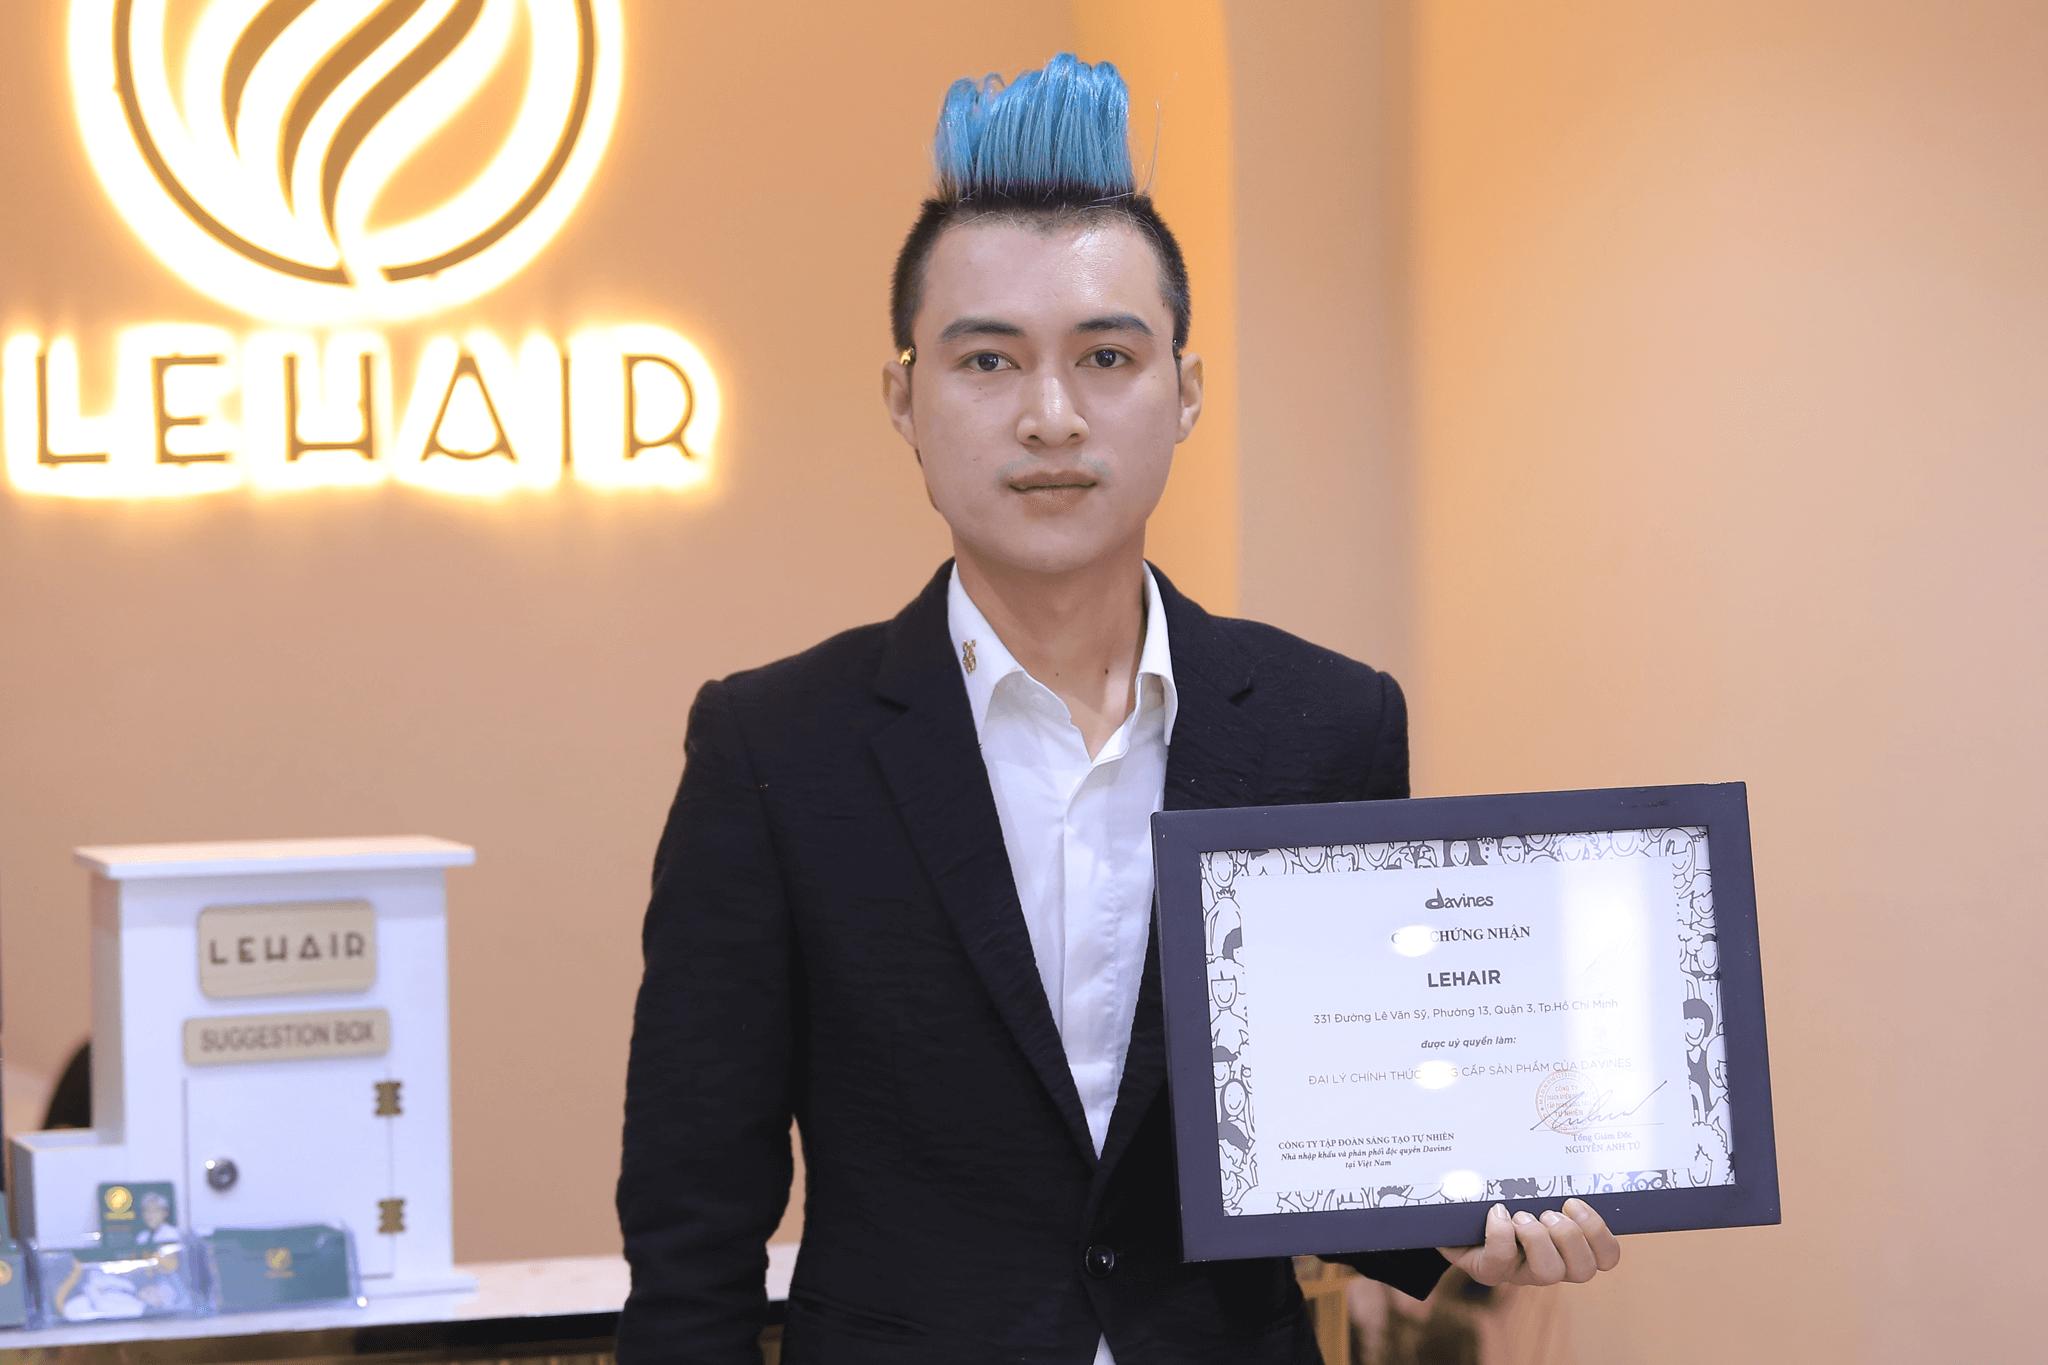 LeHair Professional được ủy quyền làm Đại Lý Chính Thức Cung Cấp Các Sản Phẩm Của Davines bởi Công ty Tập Đoàn Sáng Tạo Tự Nhiên - Nhà nhập khẩu và phân phối độc quyền Davines tại Việt Nam